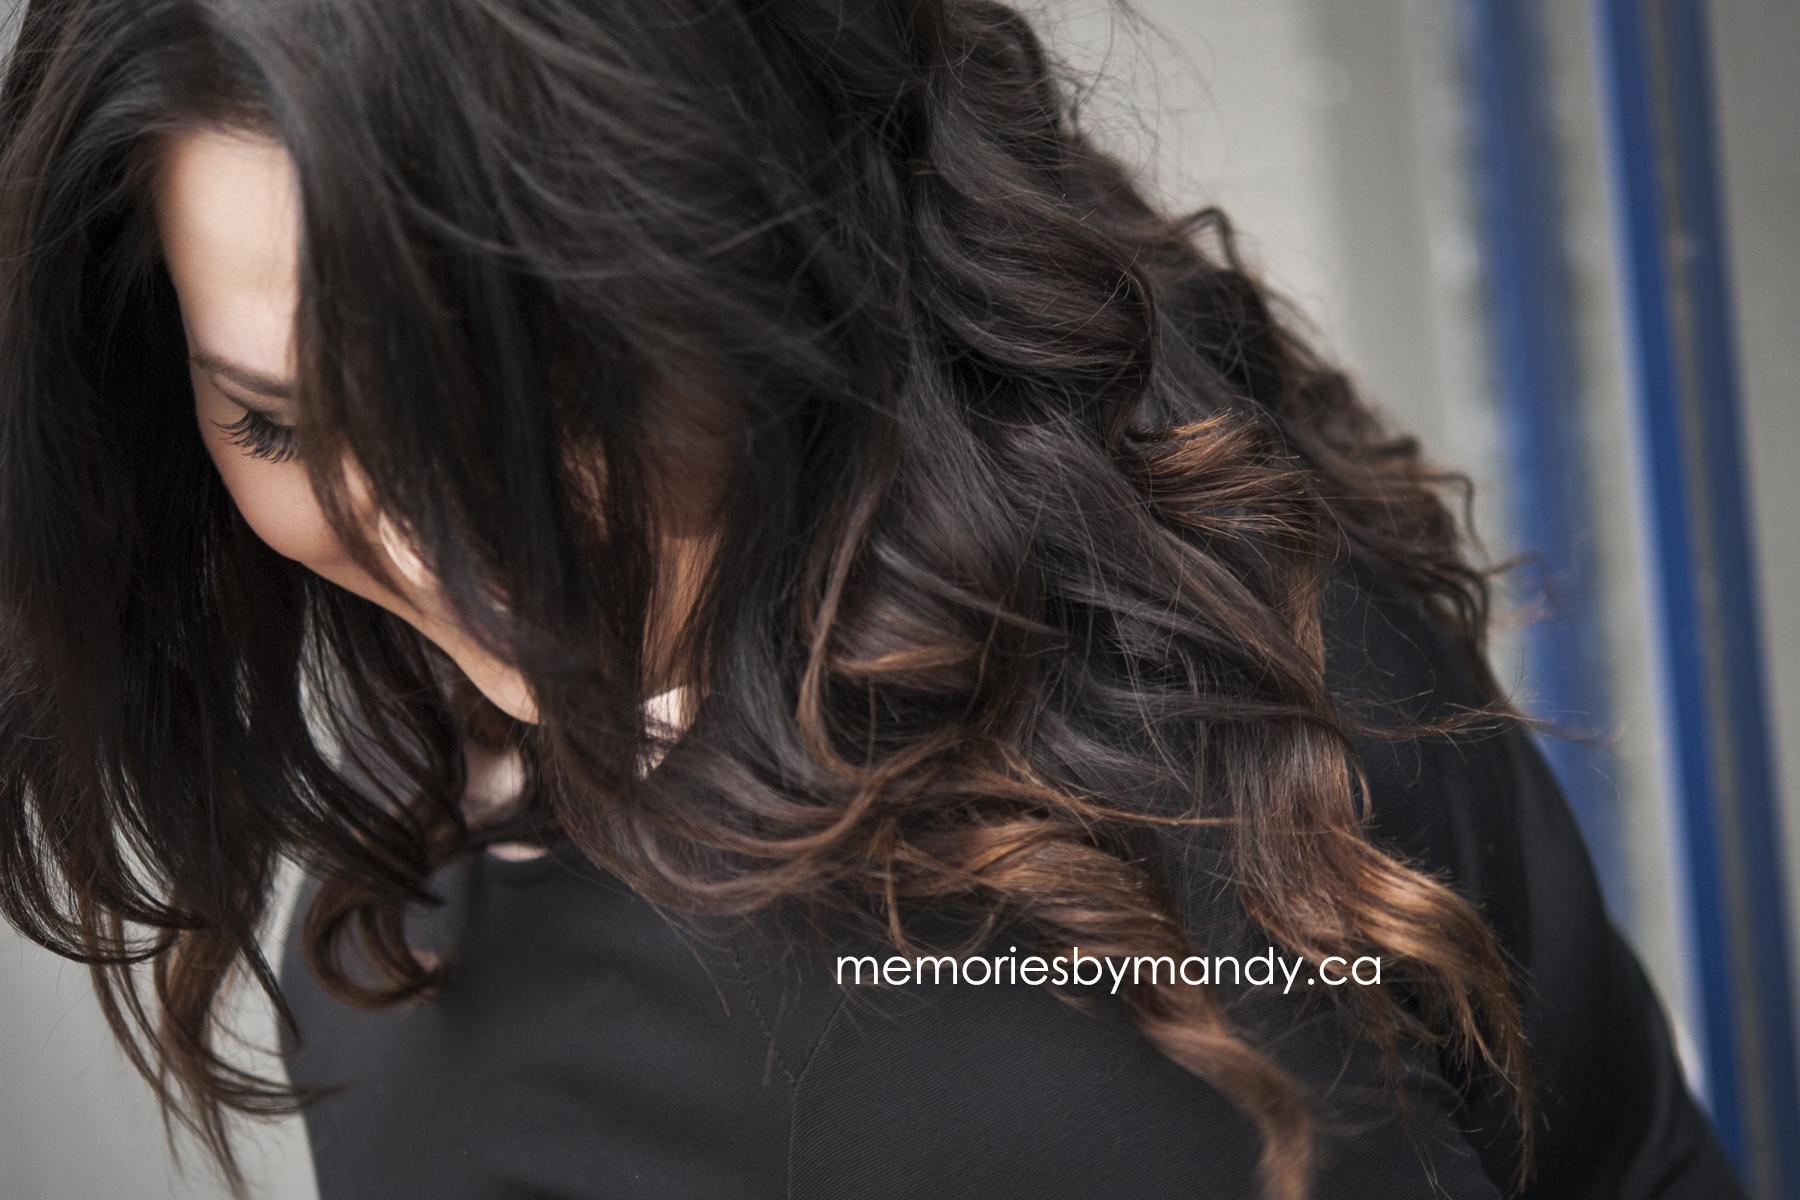 Memories by Mandy_18.jpg